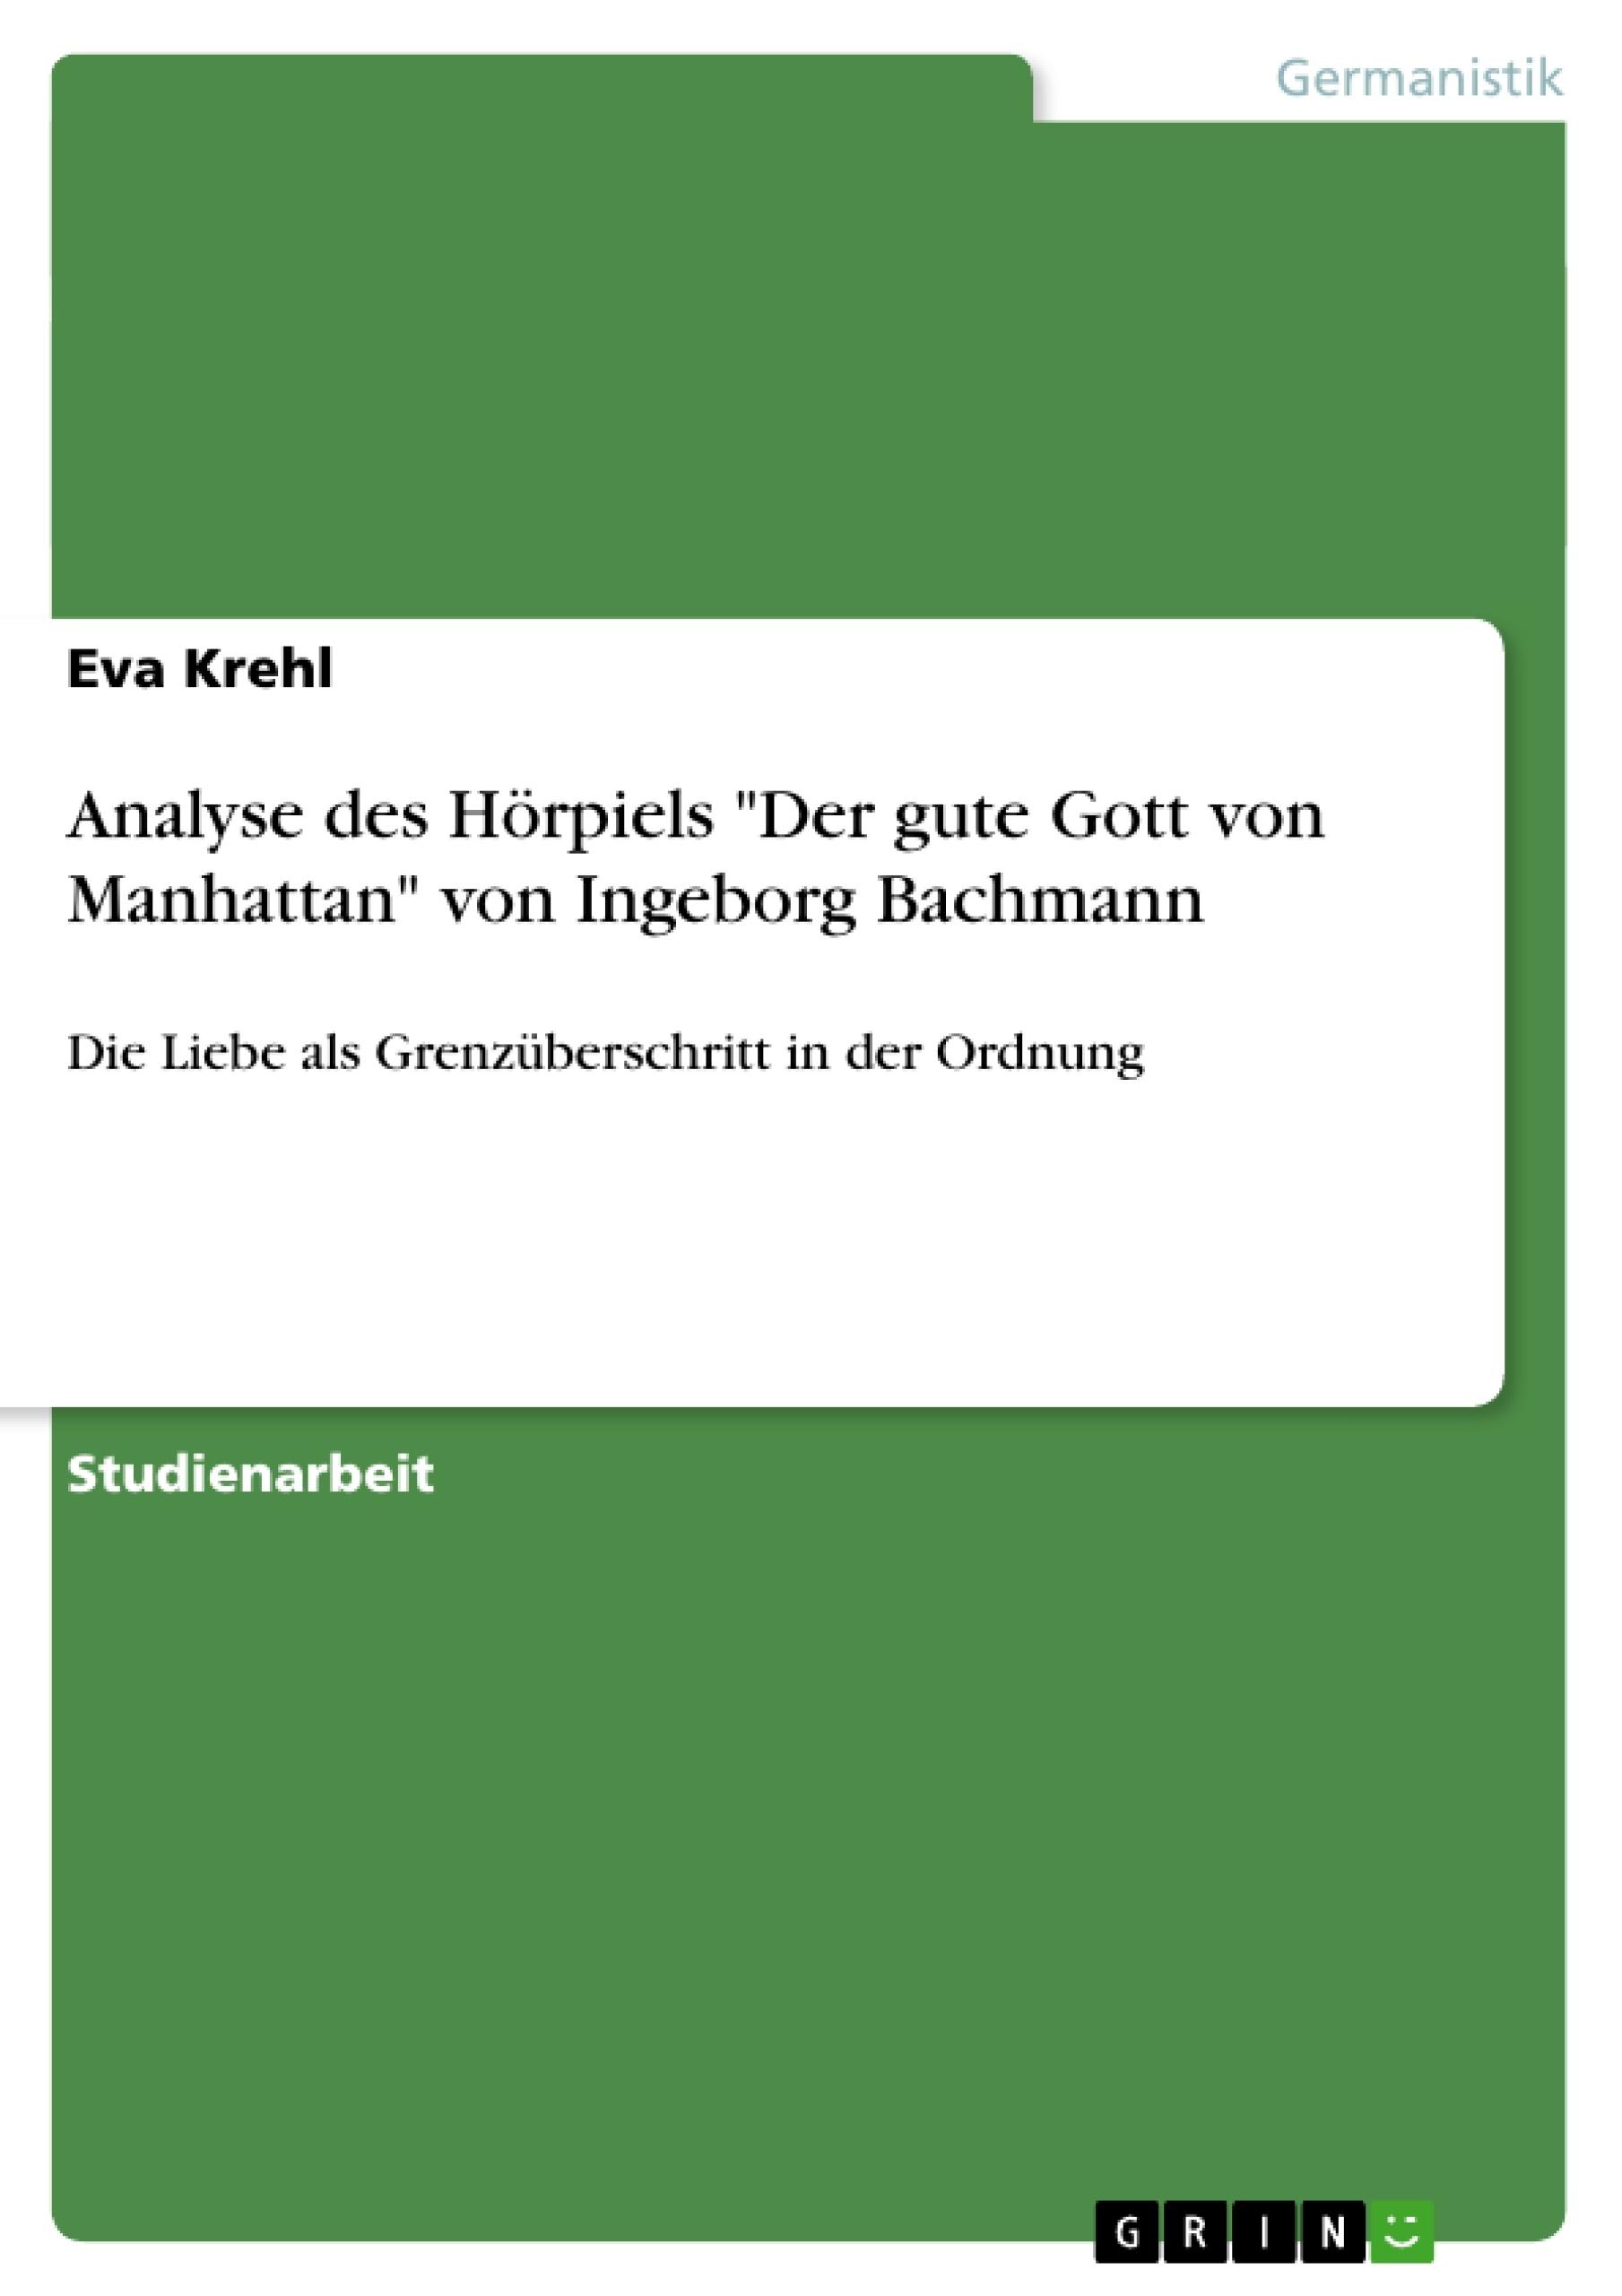 """Titel: Analyse des Hörpiels """"Der gute Gott von Manhattan"""" von Ingeborg Bachmann"""